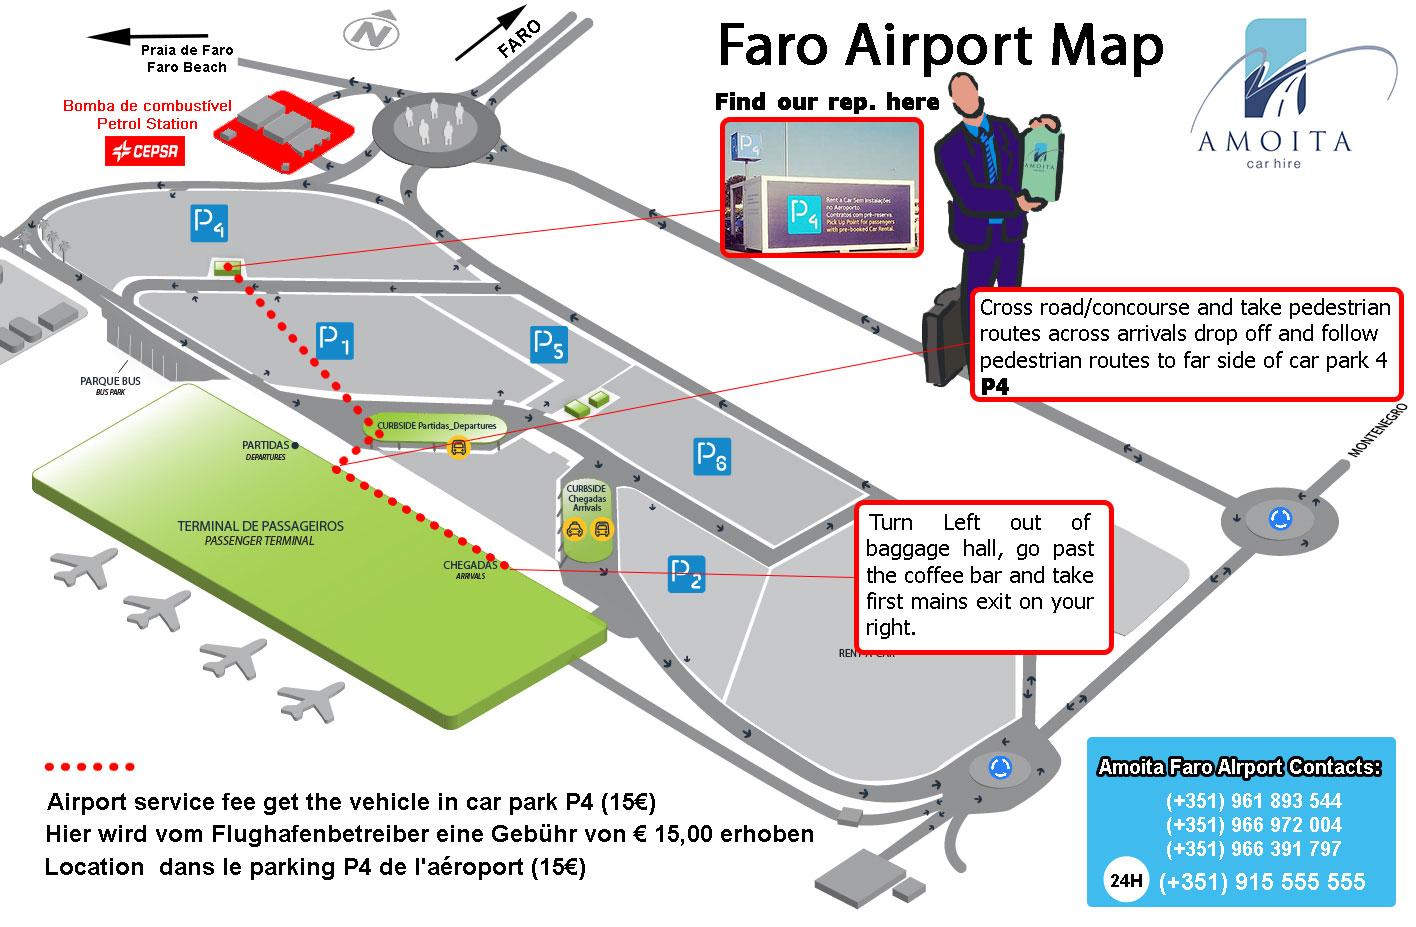 mapa aeroporto lisboa Download de Mapas | Amoita Car Hire   Portugal mapa aeroporto lisboa